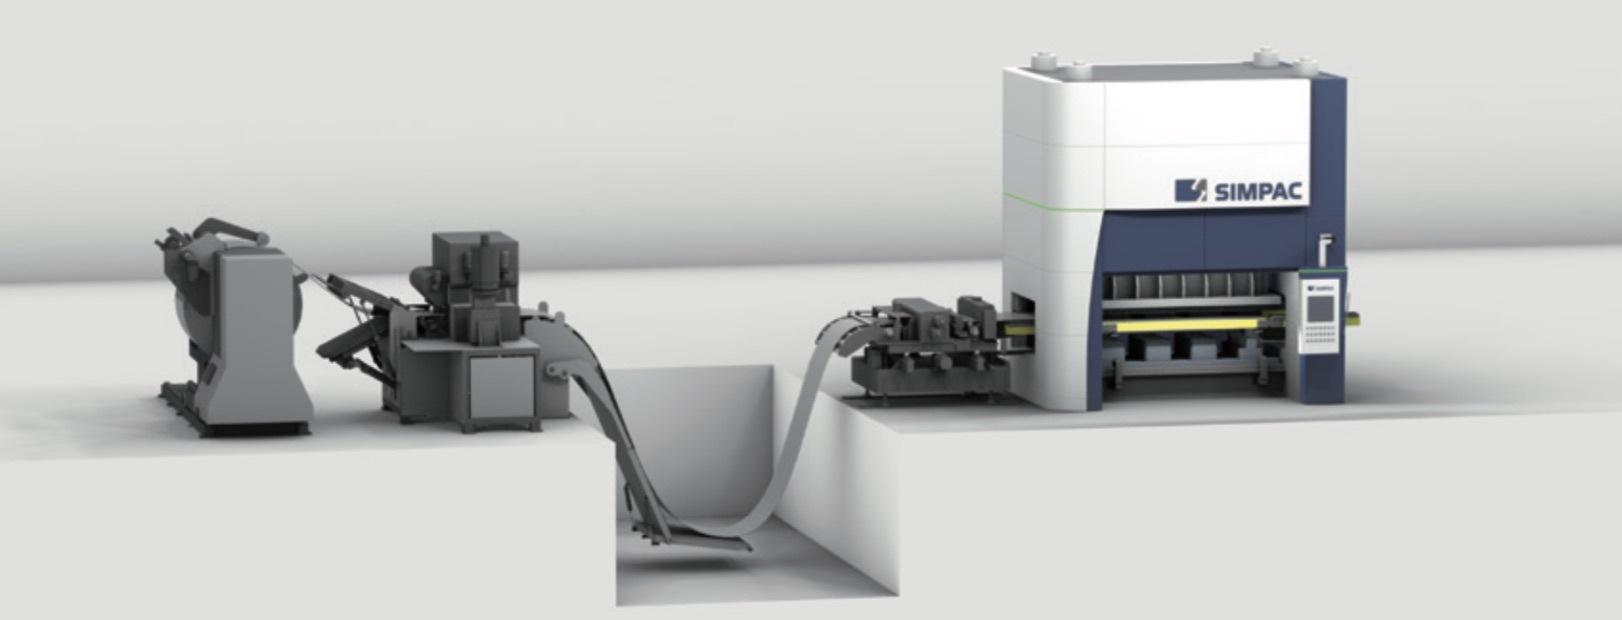 Maschinen für Metallumformung